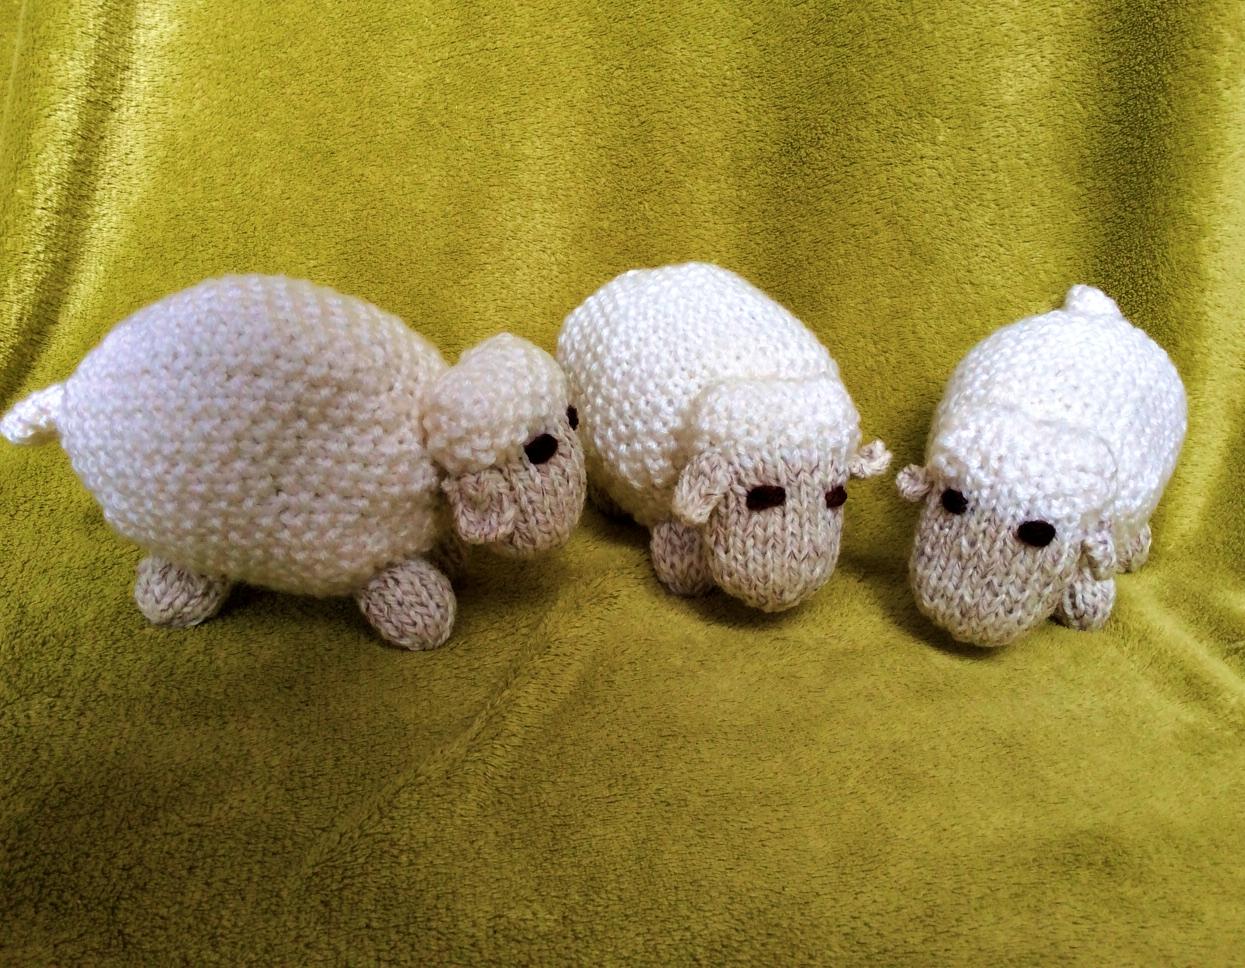 A flock of woolly sheep....baaaaaah